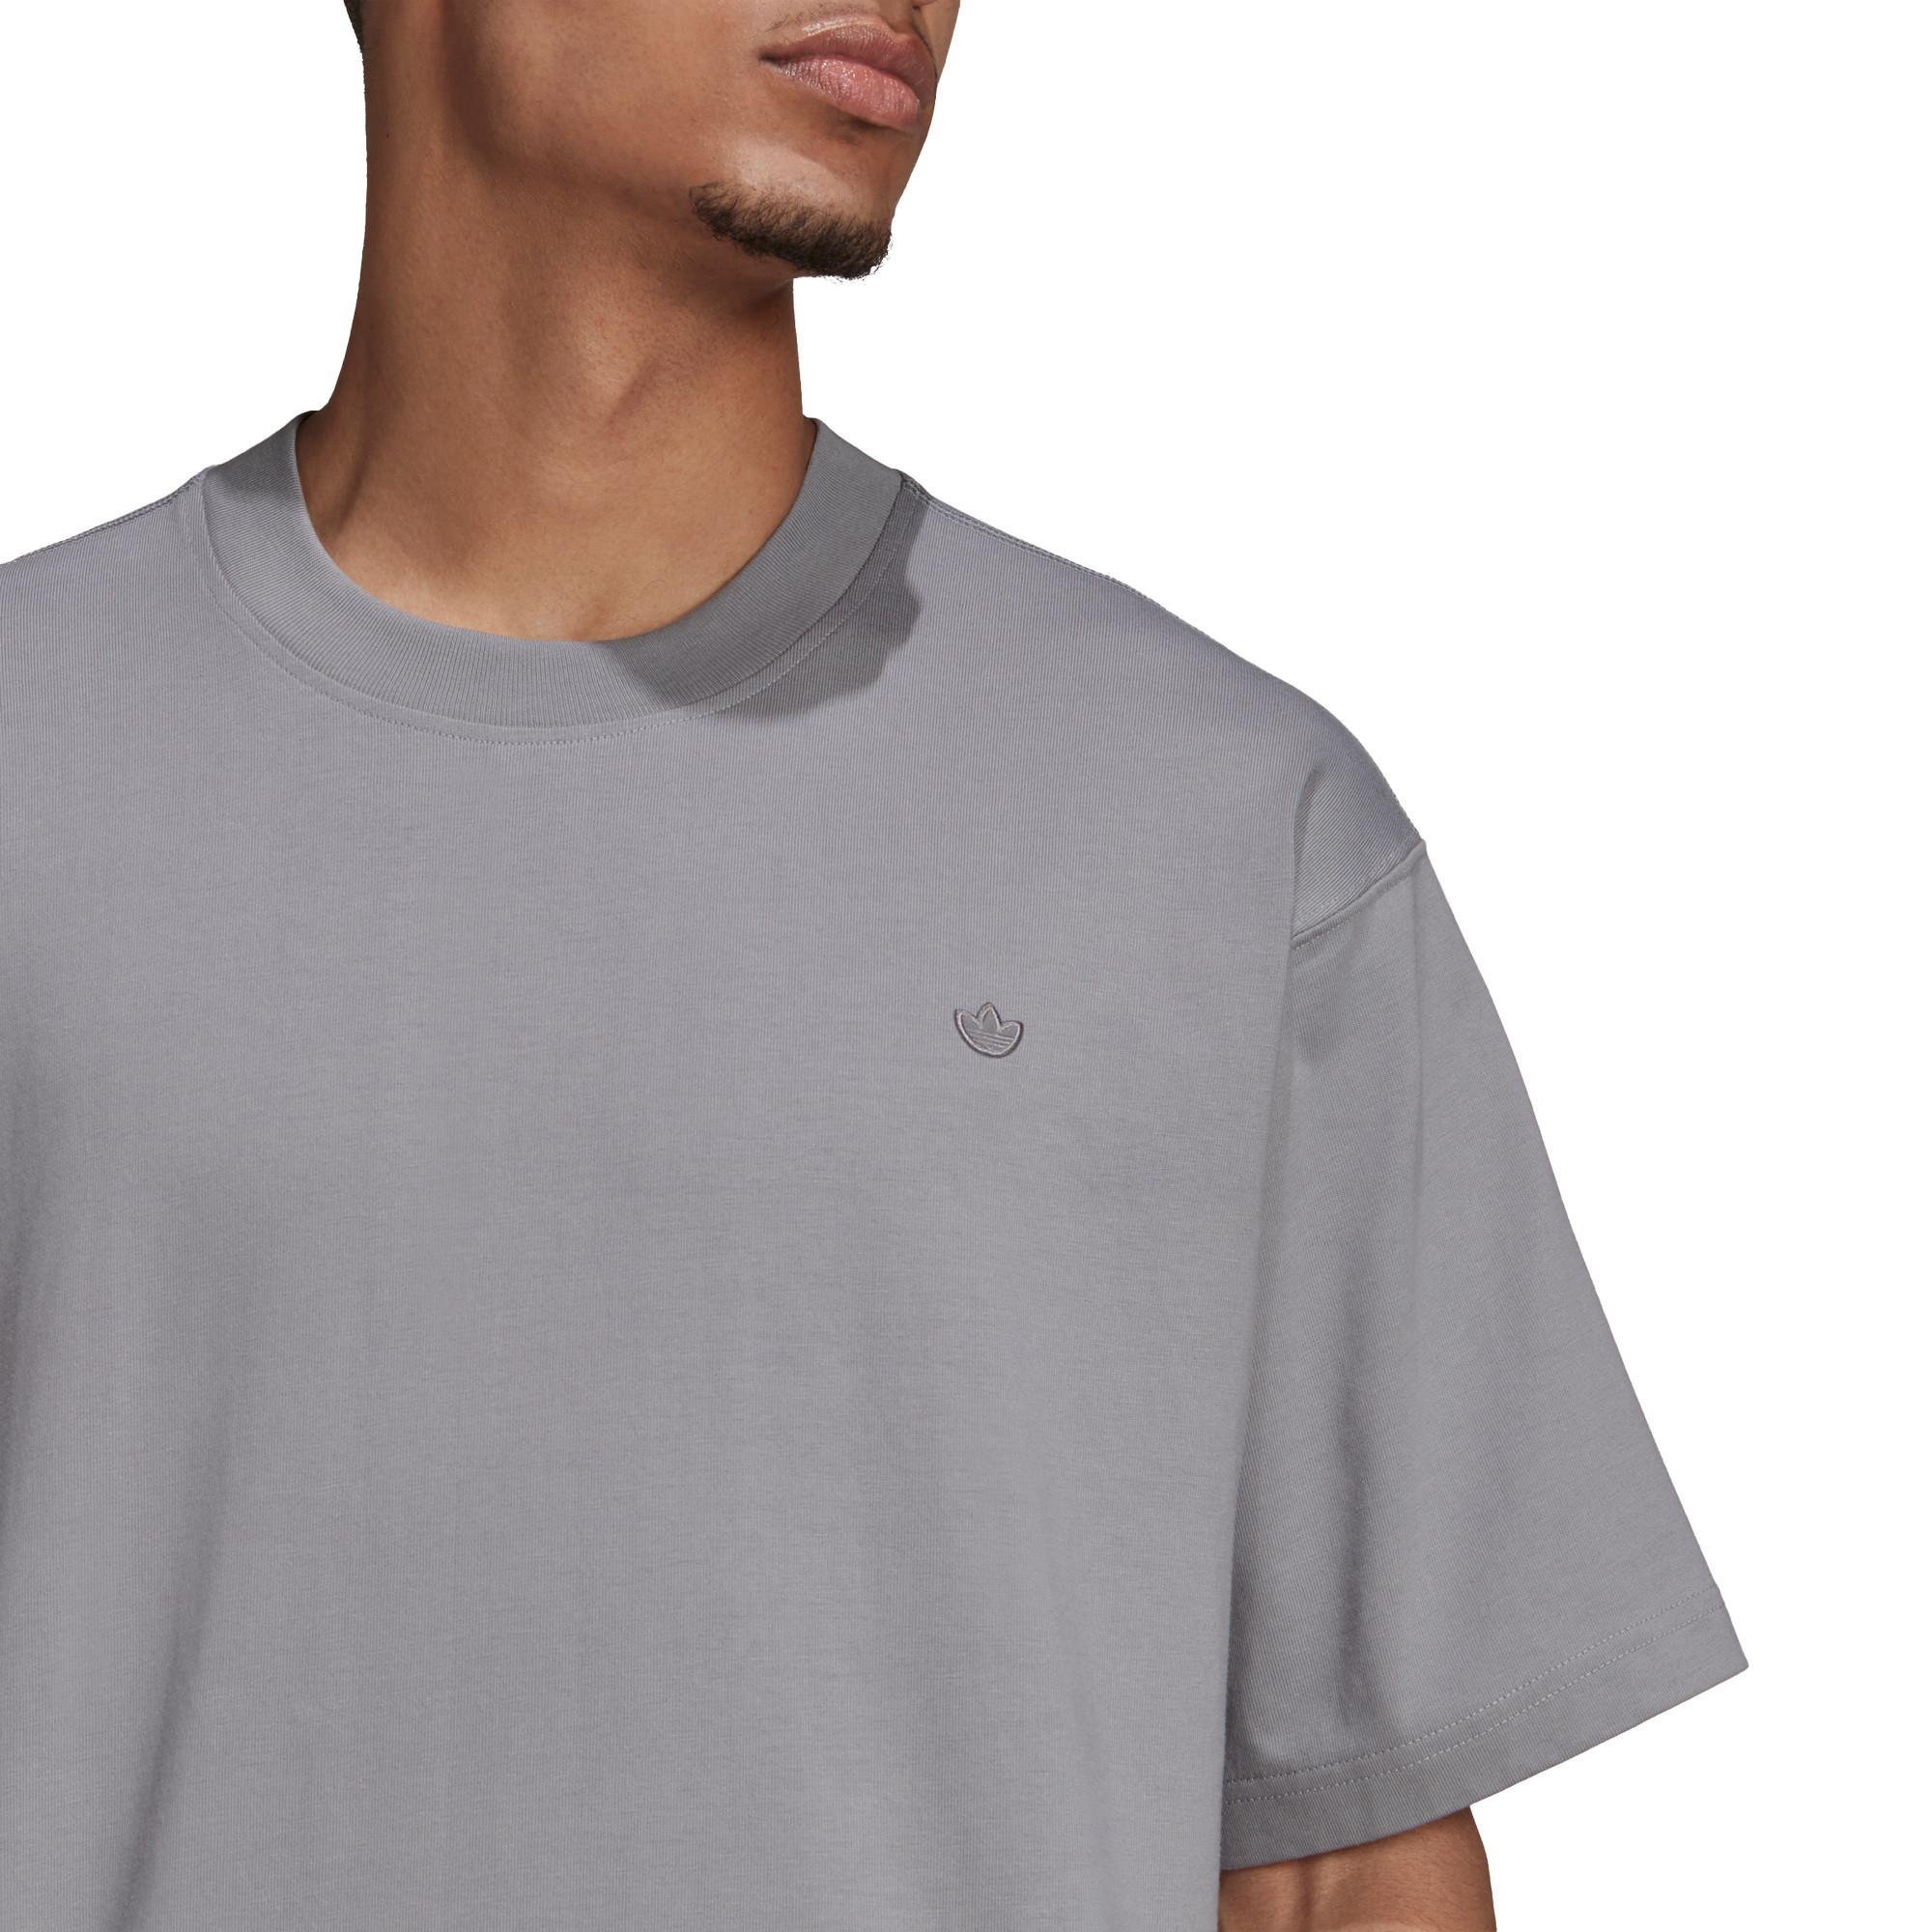 T-shirt uomo adicolor Trefoil, Grigio, large image number 4